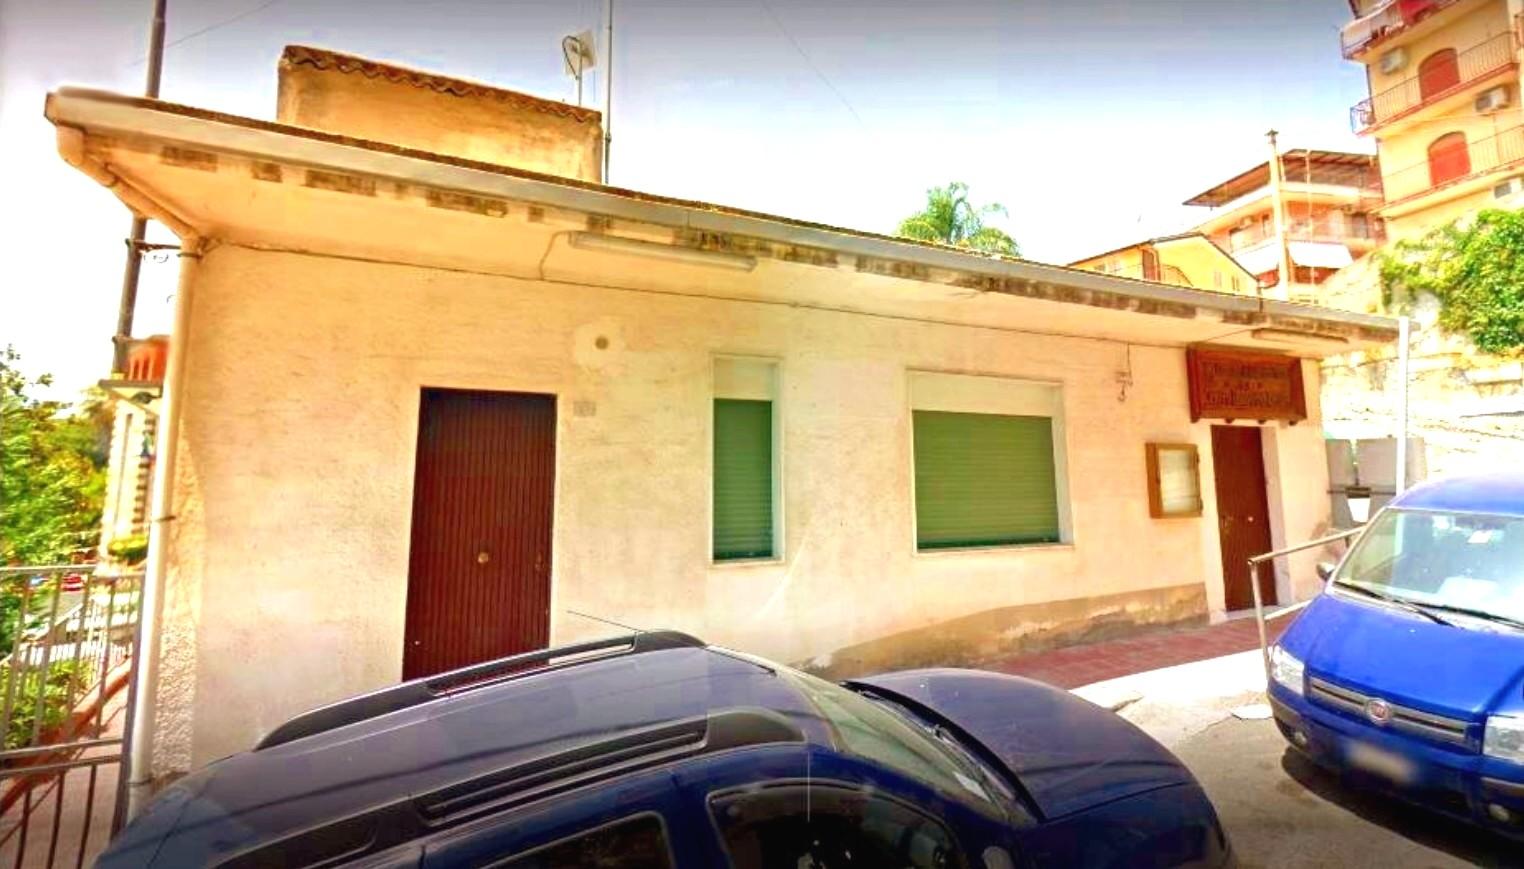 Giardini naxos sos per il centro anziani di contrada mastrociccio - Centro benessere giardini naxos ...